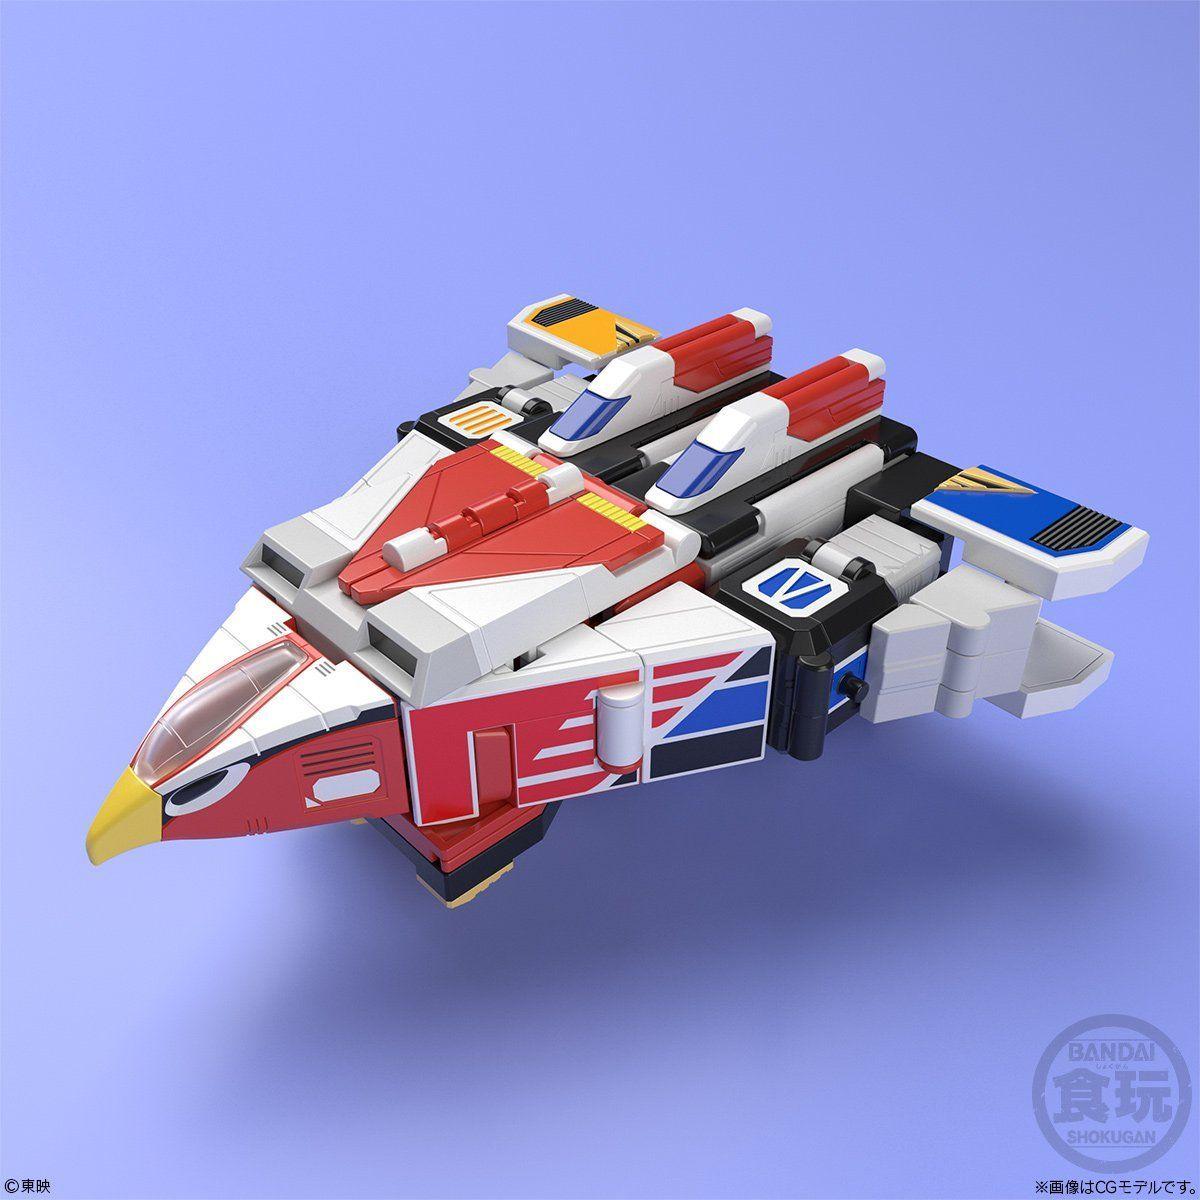 Super Minipla Jet Icarus (8)